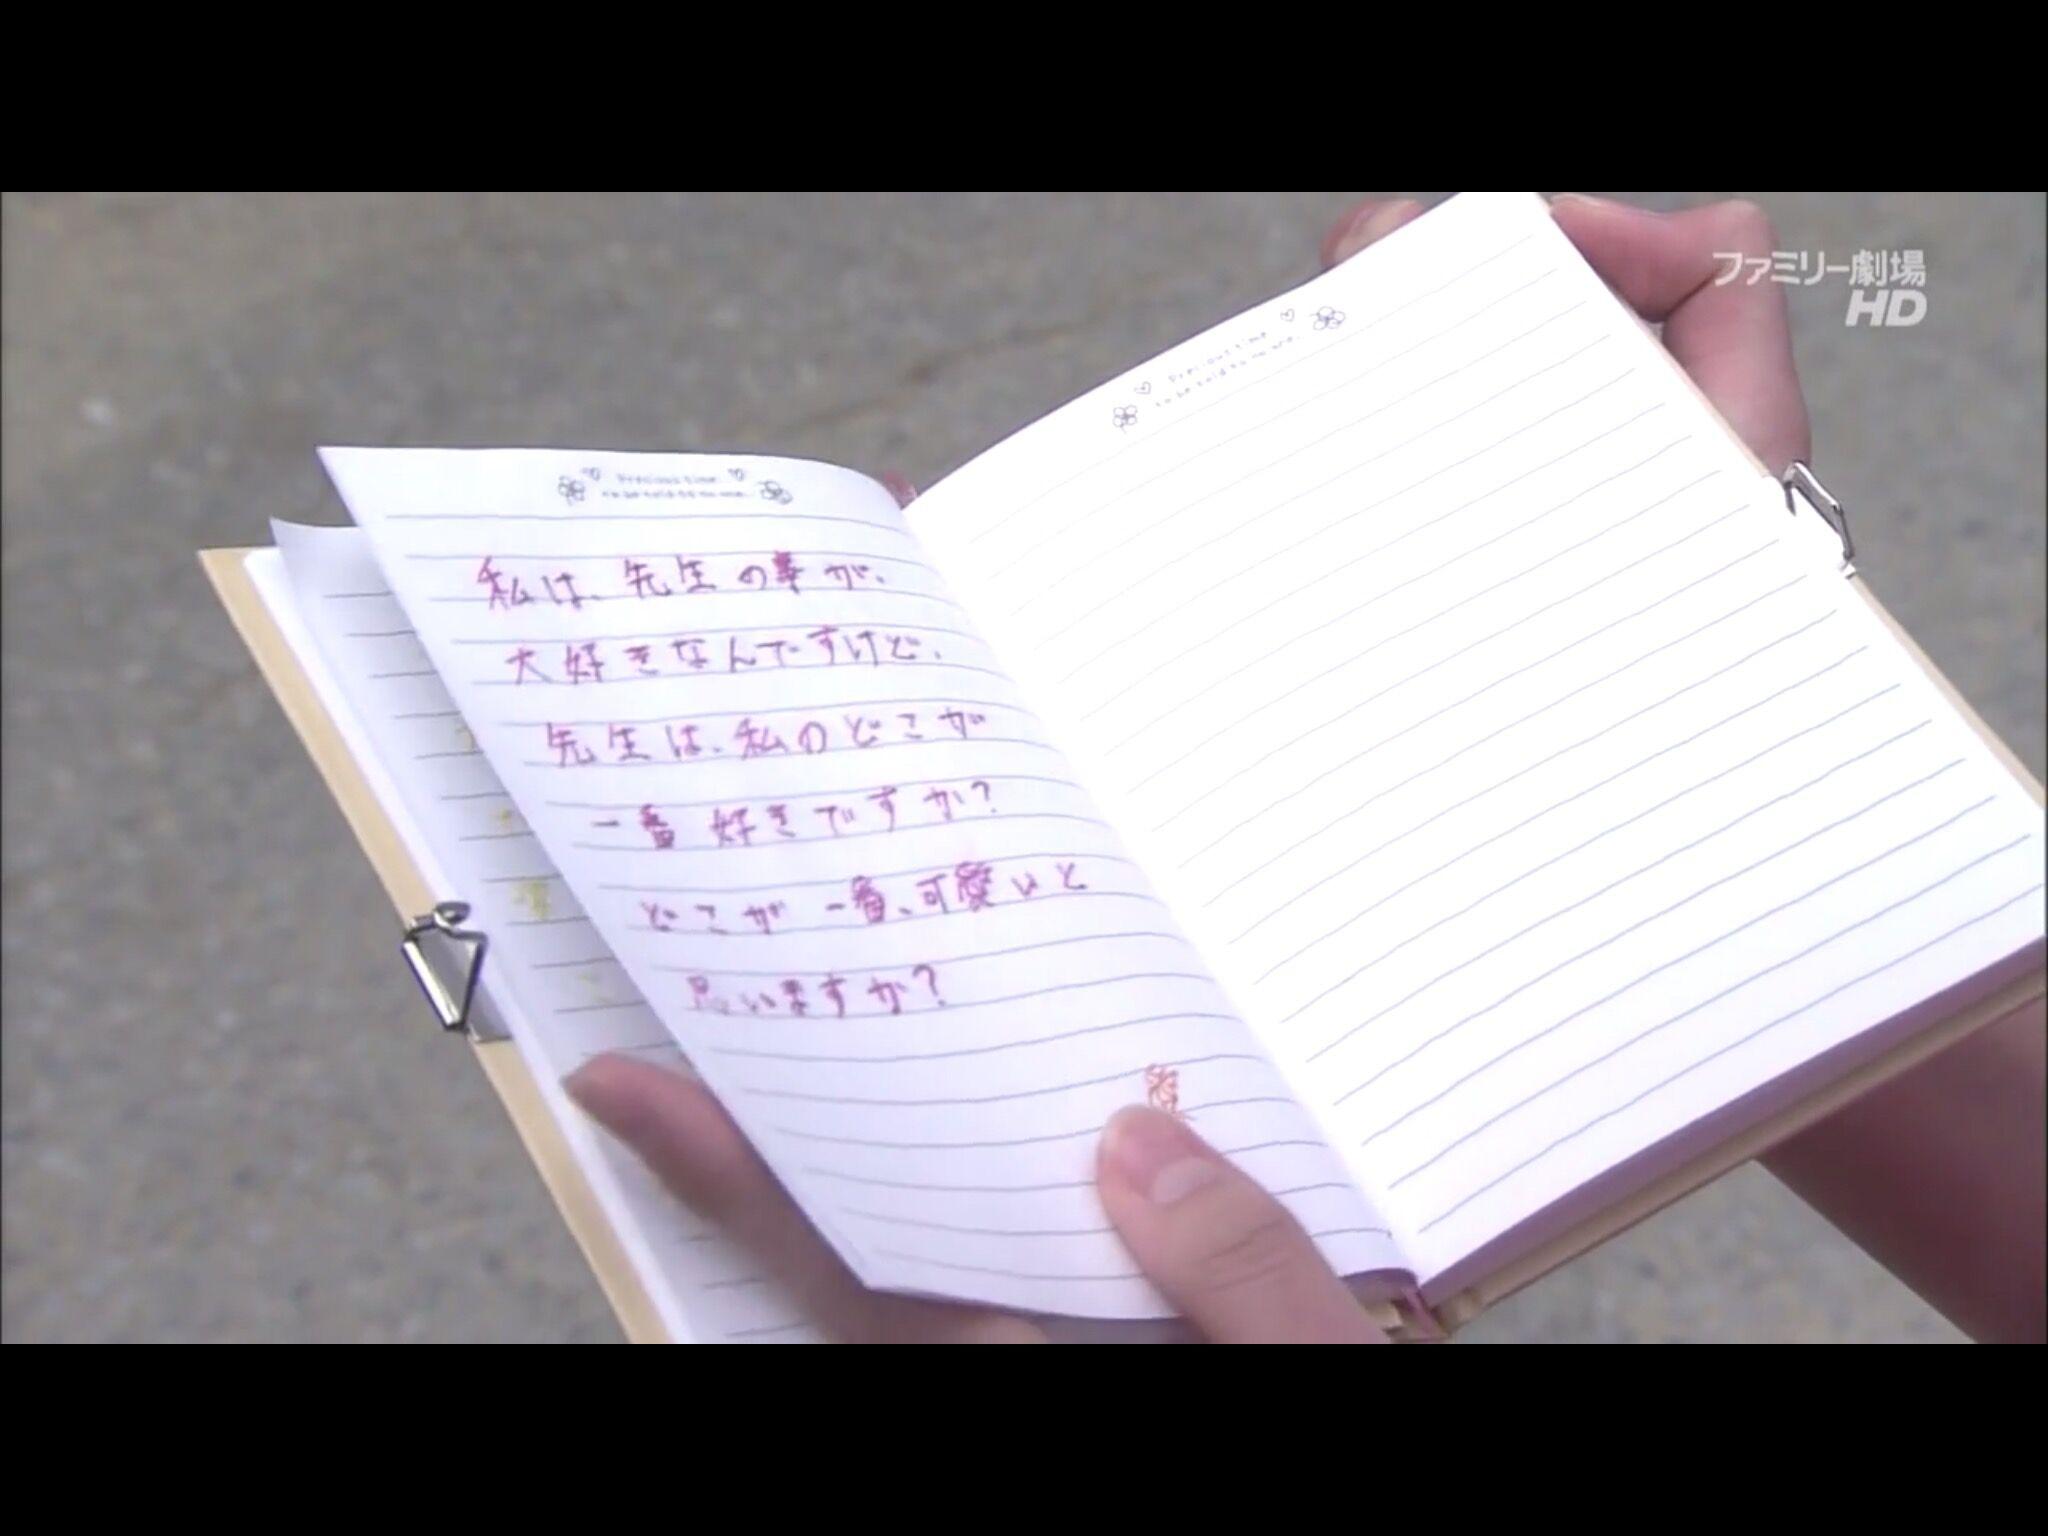 日剧《女王的教室 特辑1:堕天使》影评丨萝莉凶猛